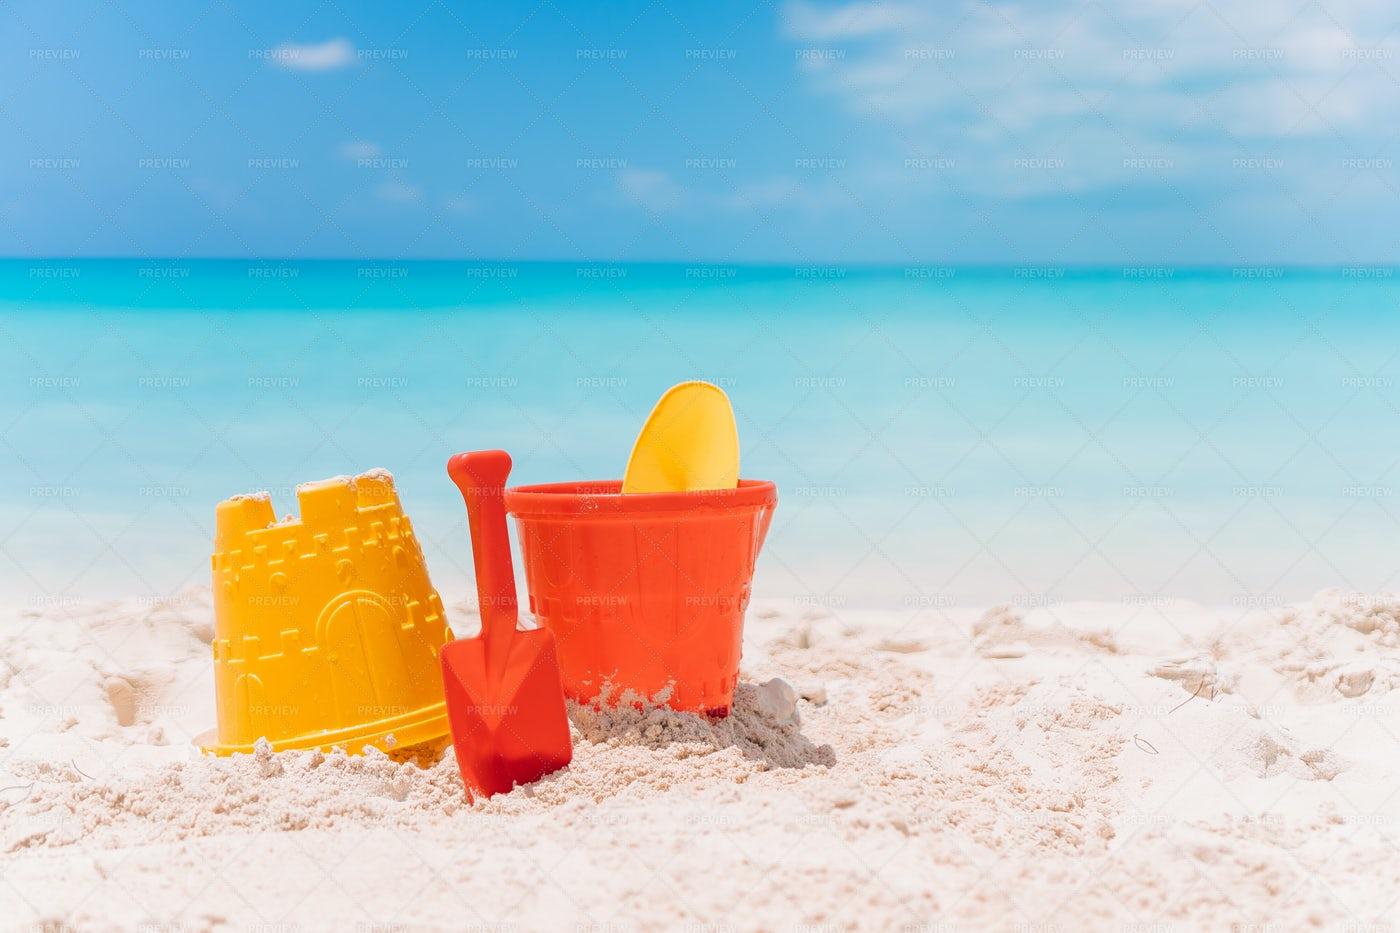 BeachToys On A White Sand Beach: Stock Photos